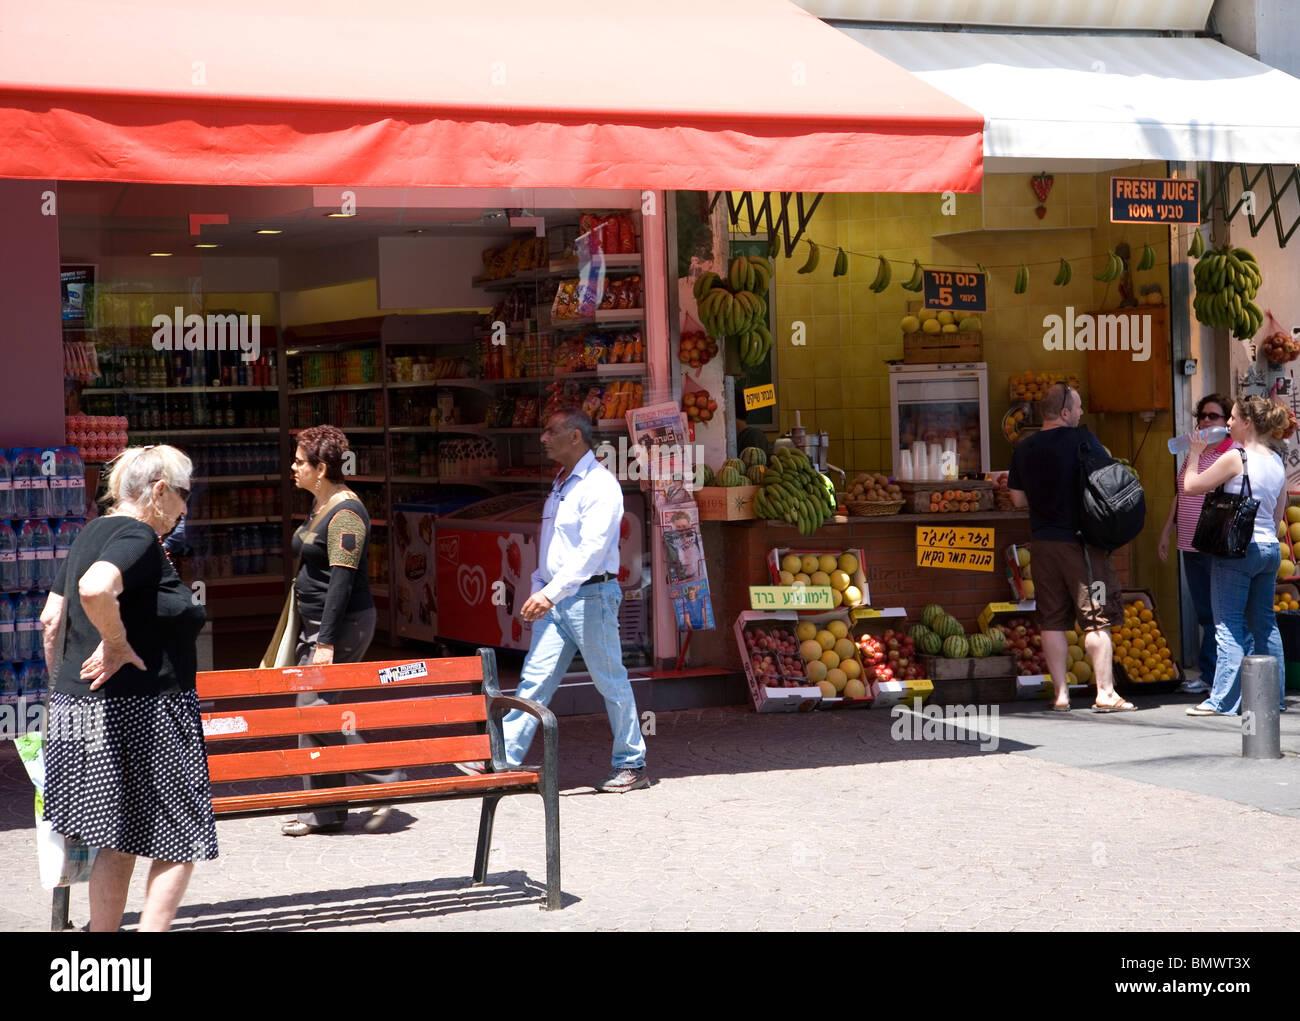 Nakhalat Jus de Binyamin et boutiques de décrochage Photo Stock 0dbe00cff317